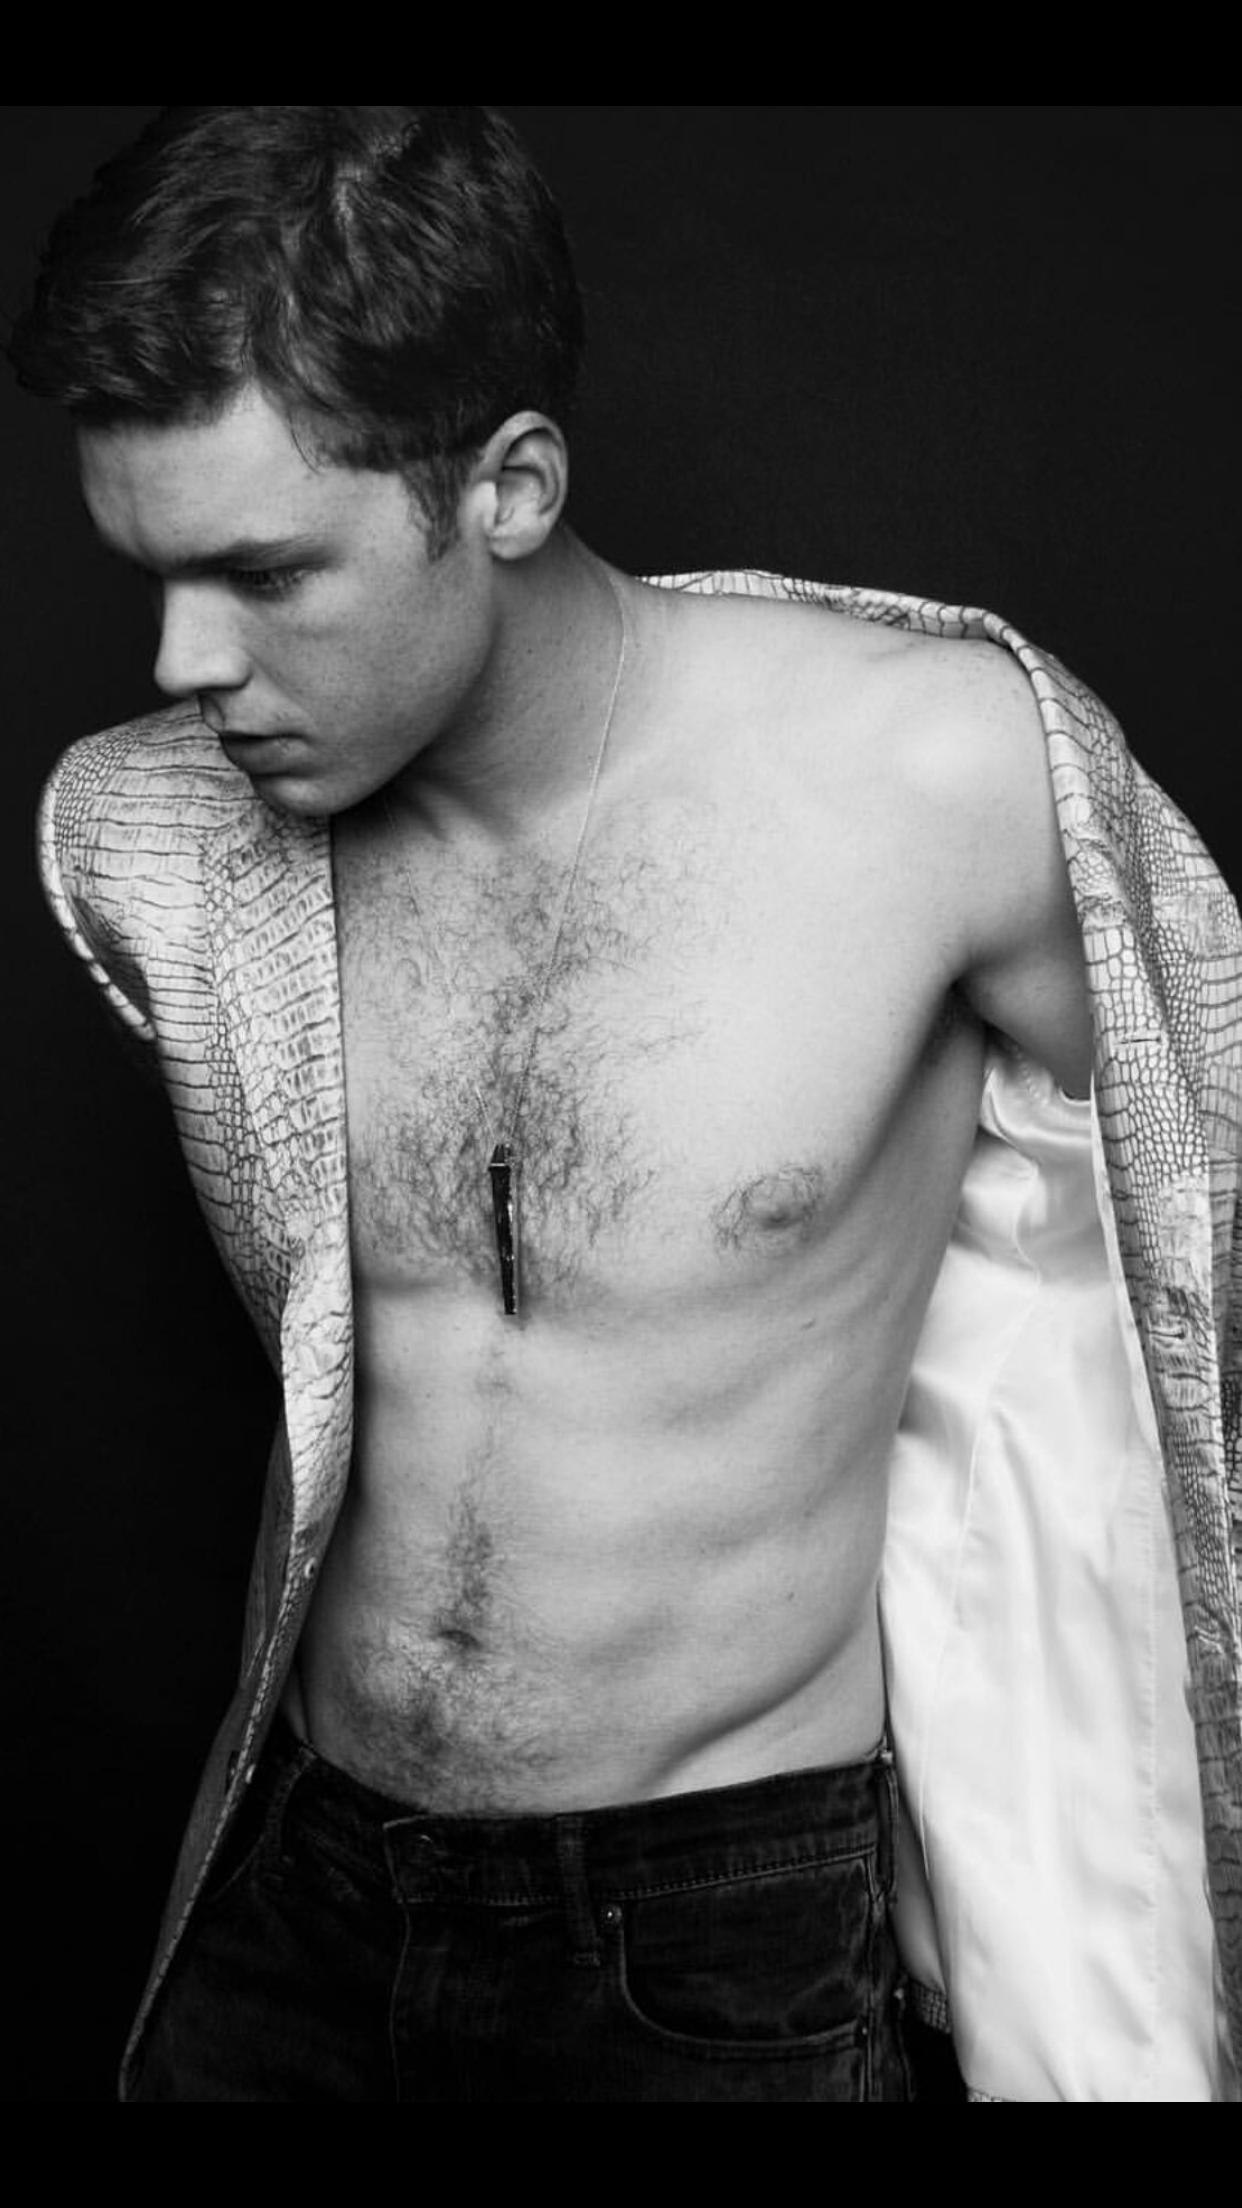 Cameron Monaghan Shirtless Actors Cameron Monaghan Monaghan